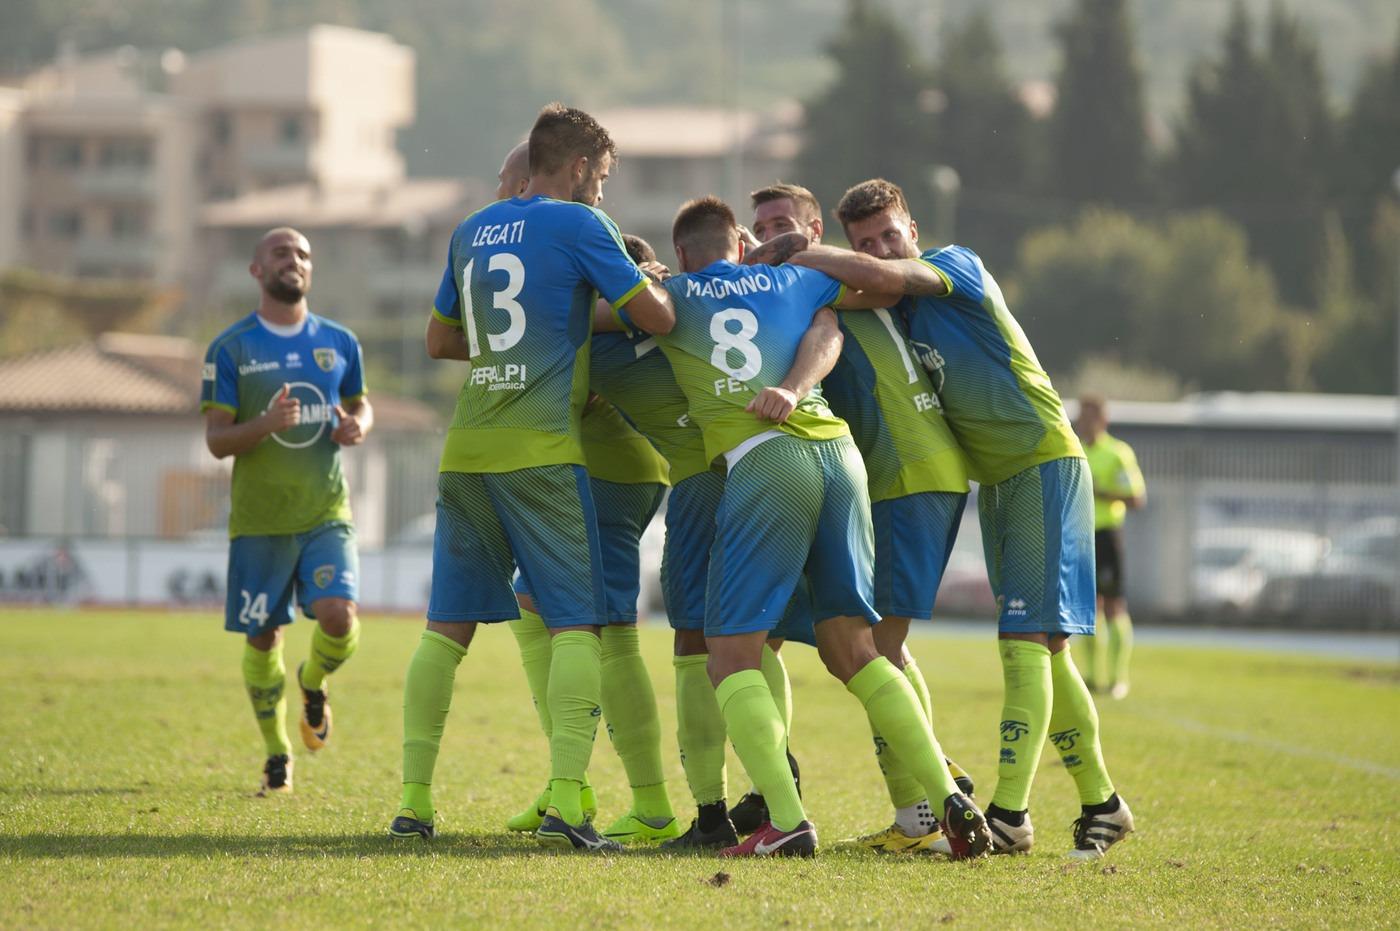 Serie C, Rimini-FeralpiSalò martedì 12 febbraio: analisi e pronostico della 26ma giornata della terza divisione italiana